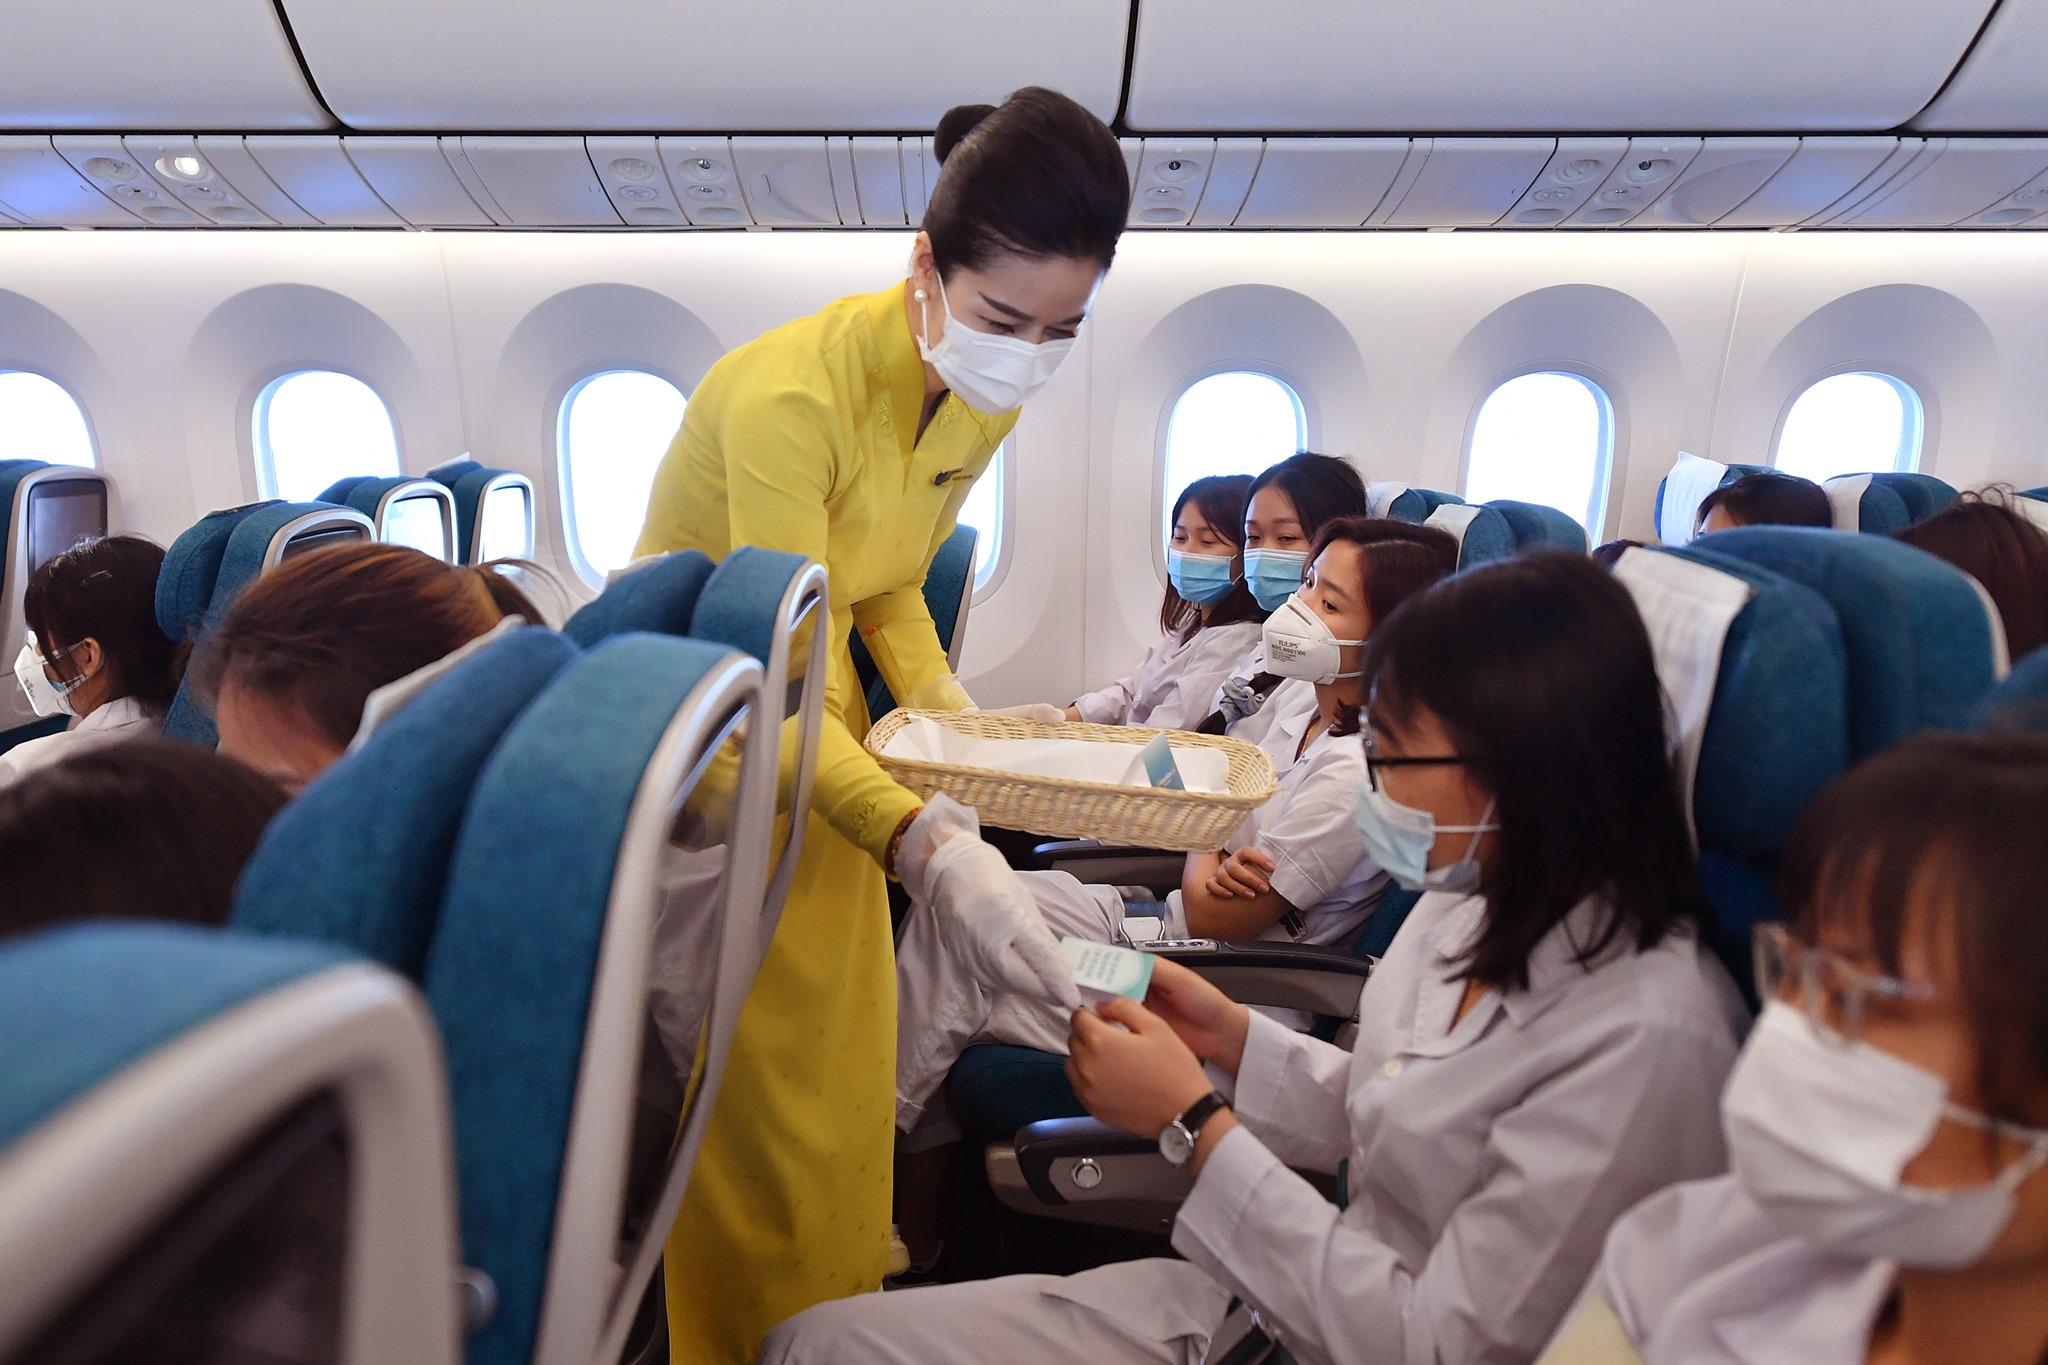 ベトナム 客室乗務員は他の仕事を探しています